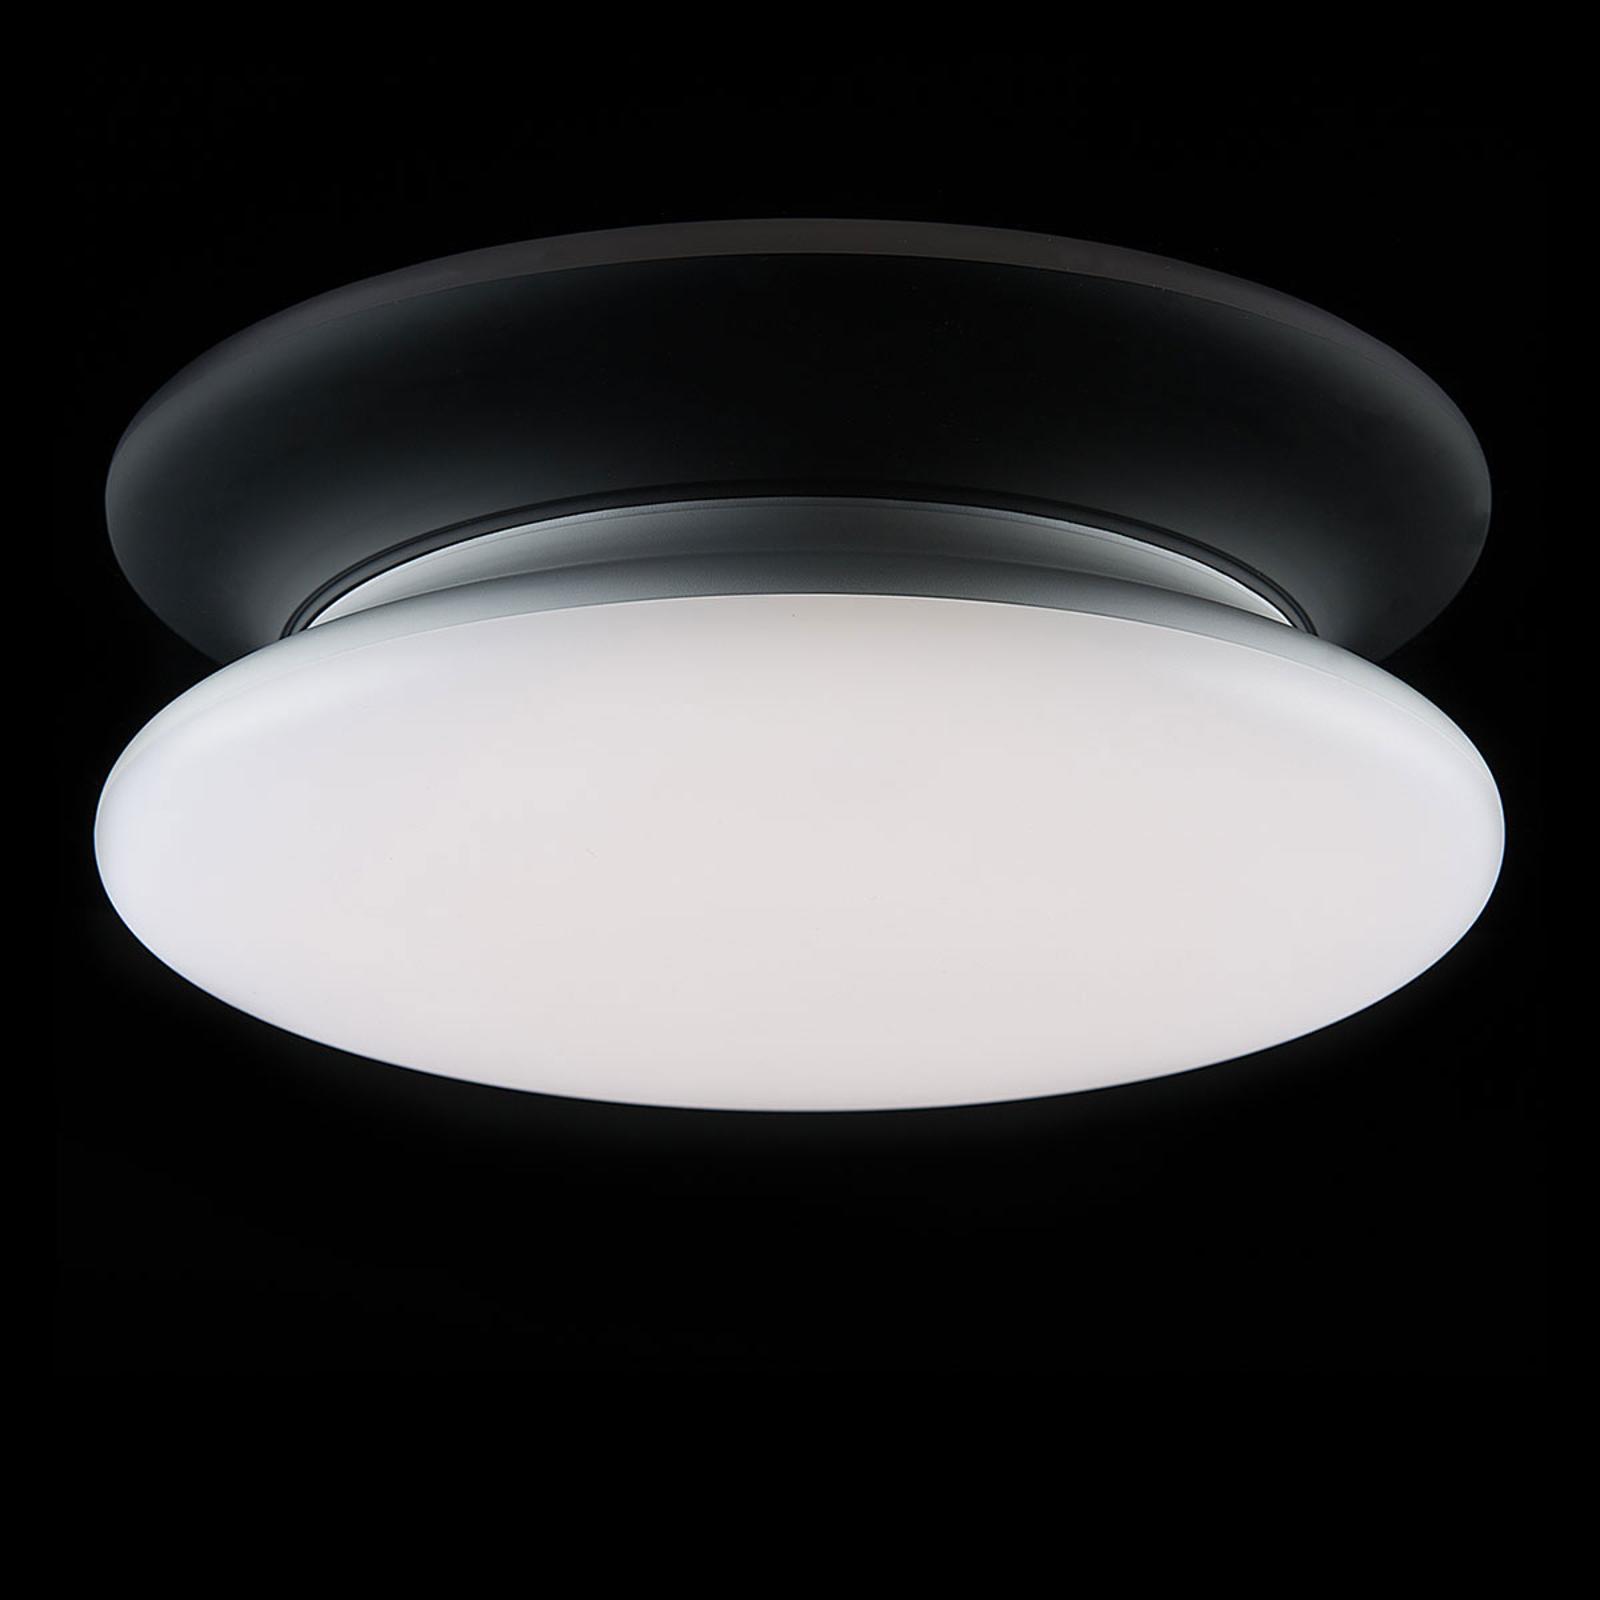 SLC lampa sufitowa LED IP54 Ø 30 cm 4000 K